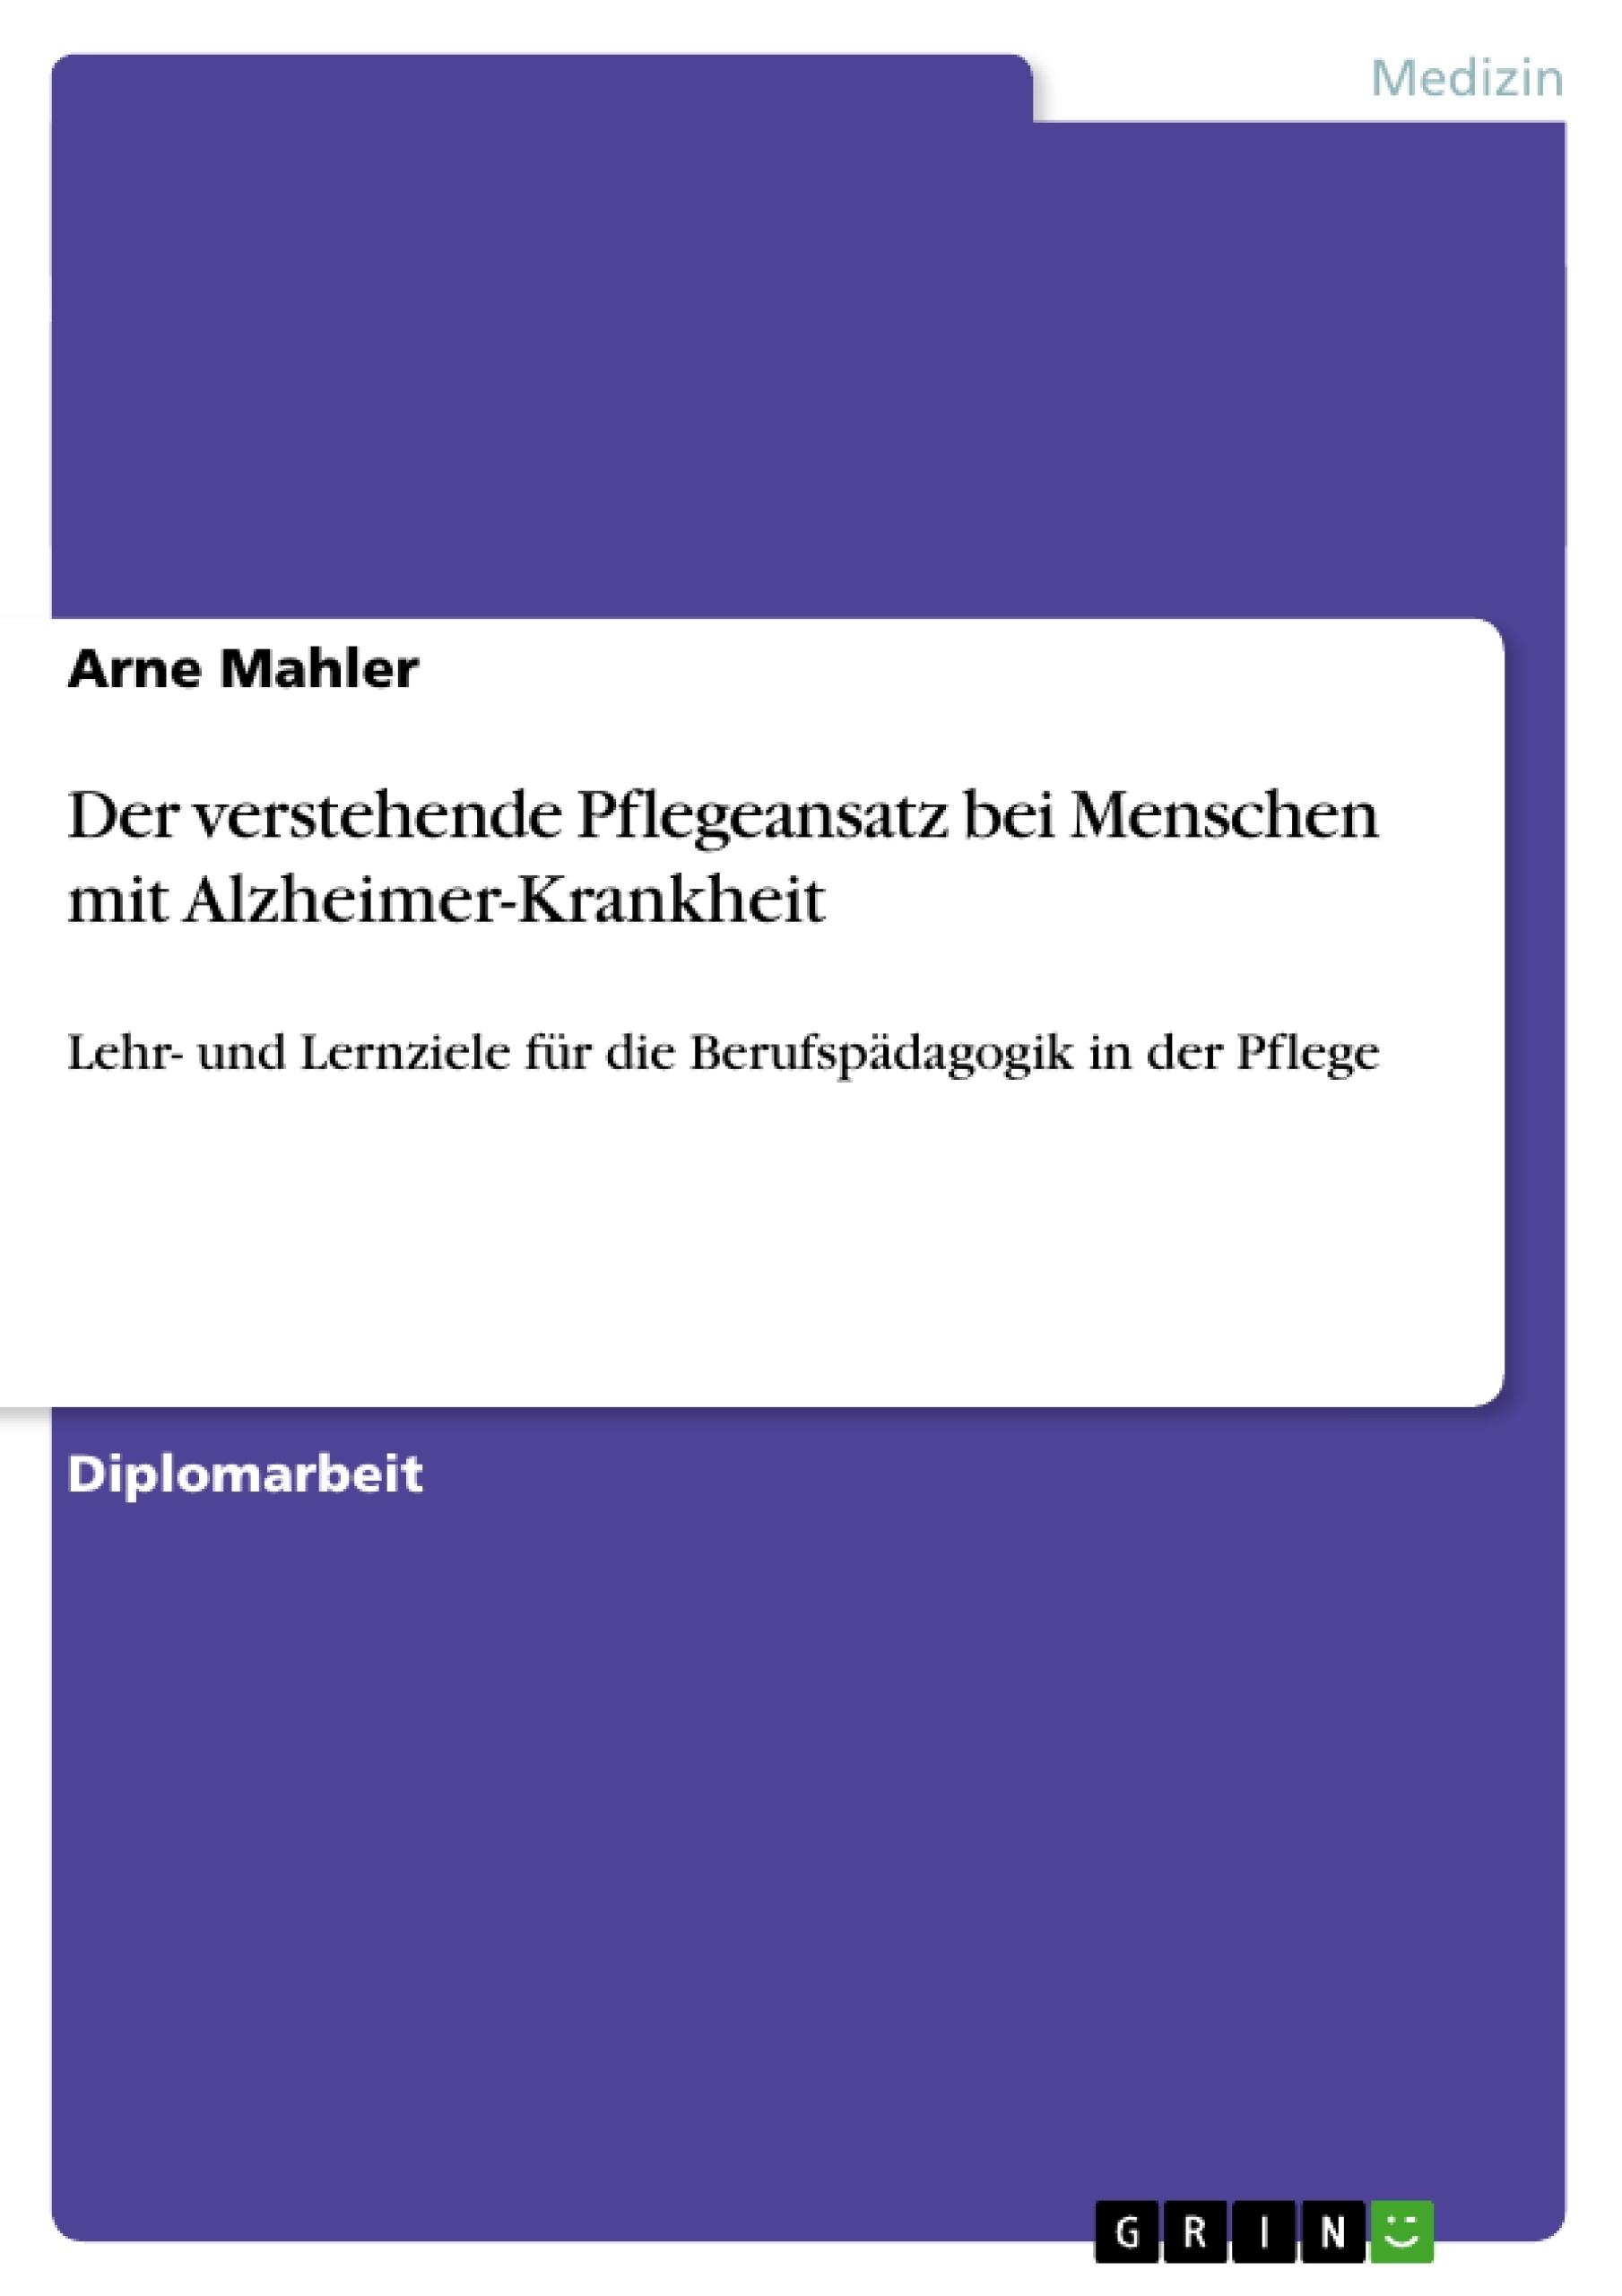 Titel: Der verstehende Pflegeansatz bei Menschen mit Alzheimer-Krankheit